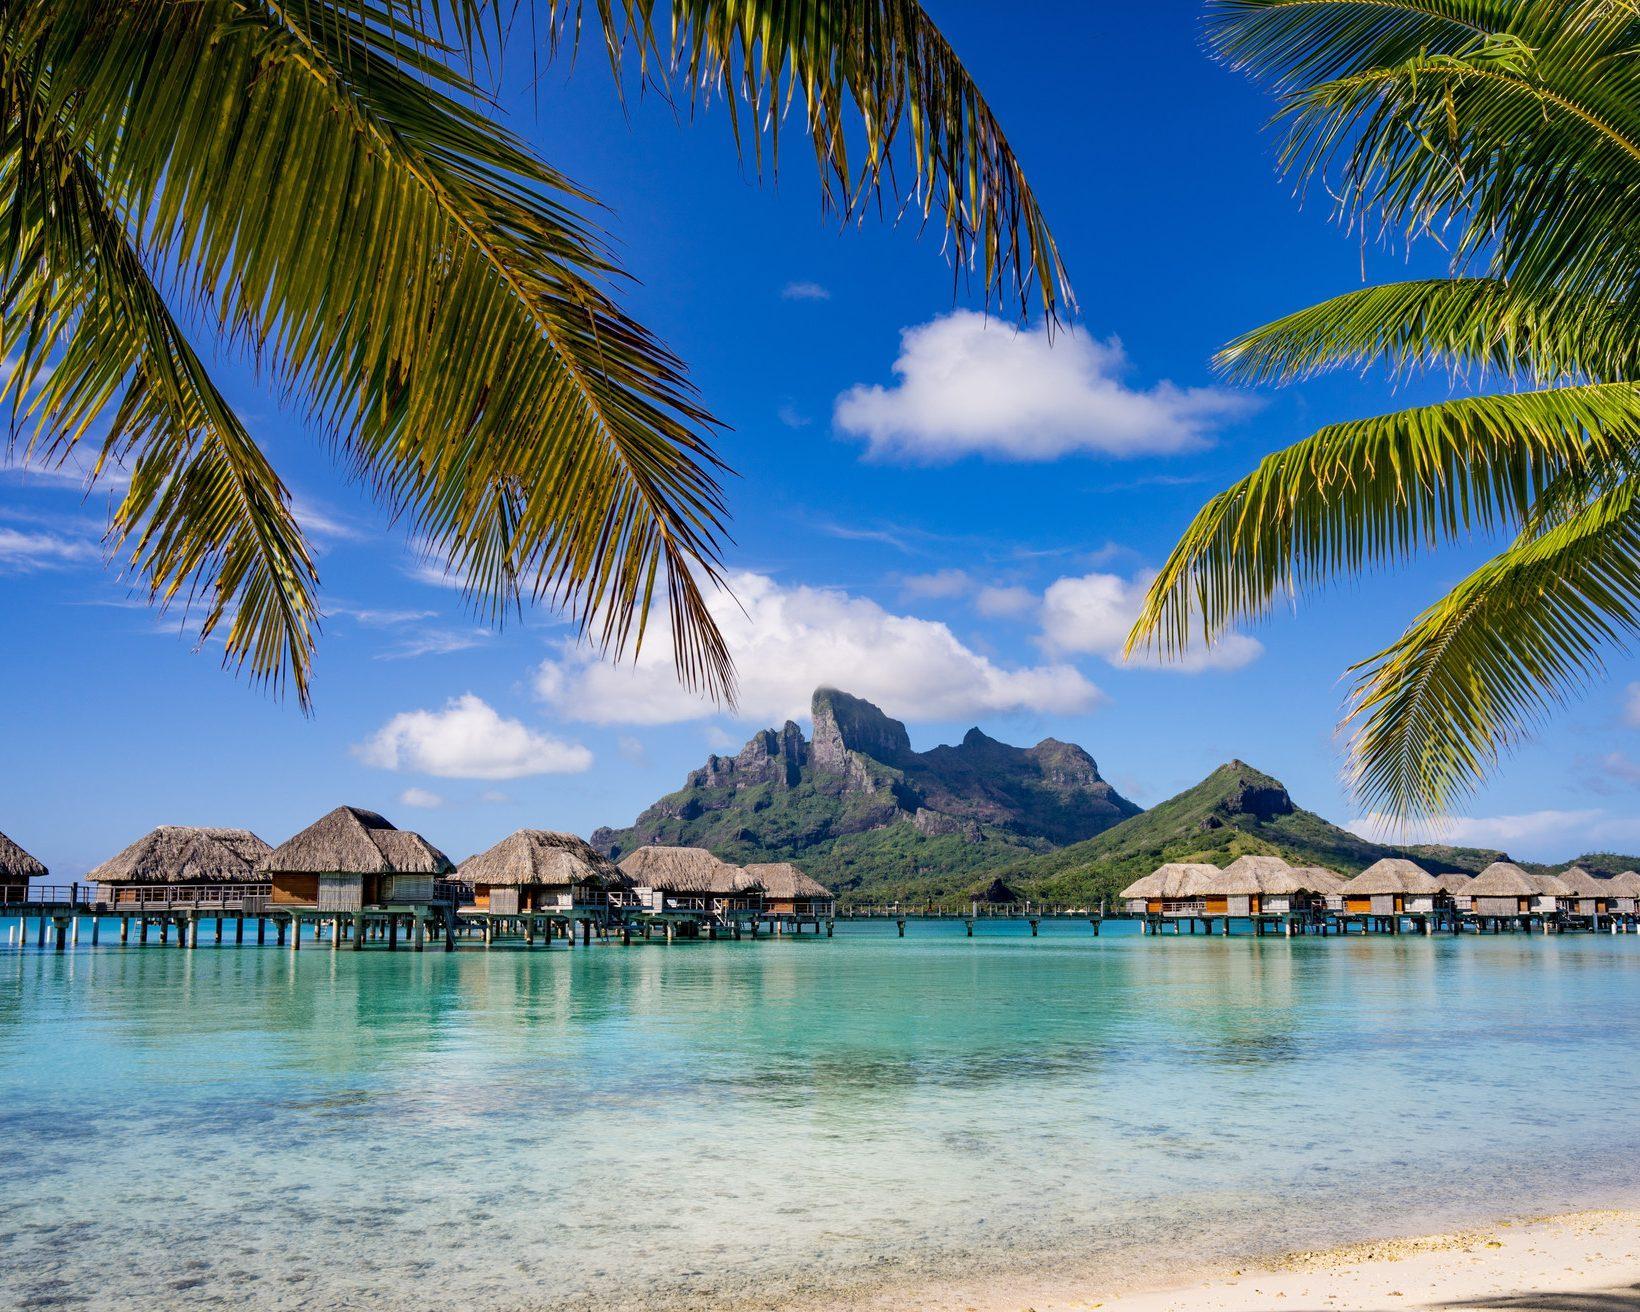 Les 10 plus belles îles françaises d'outre-mer | momondo Discover